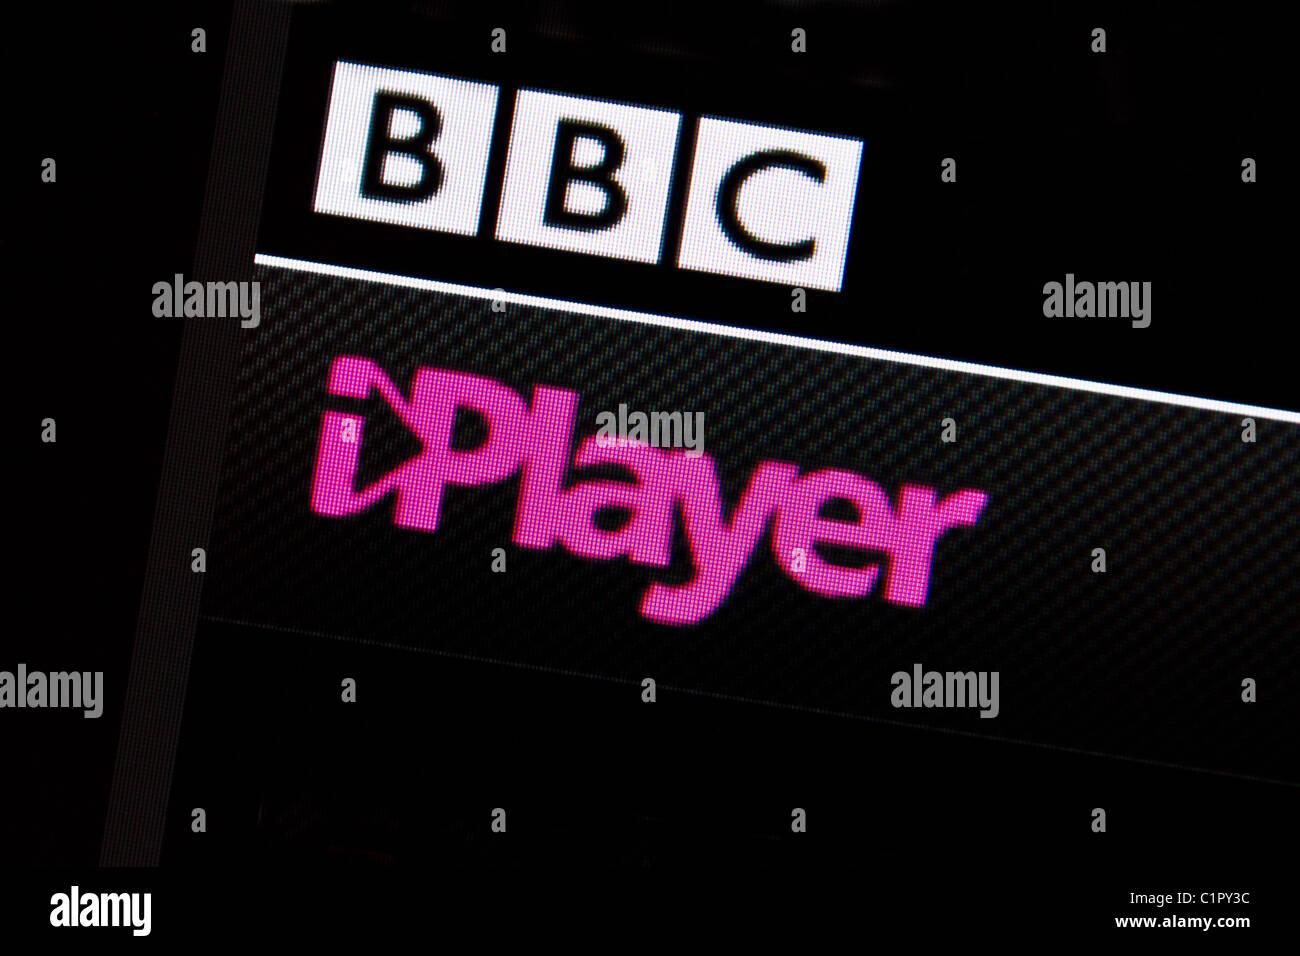 iplayer bbc screenshot - Stock Image